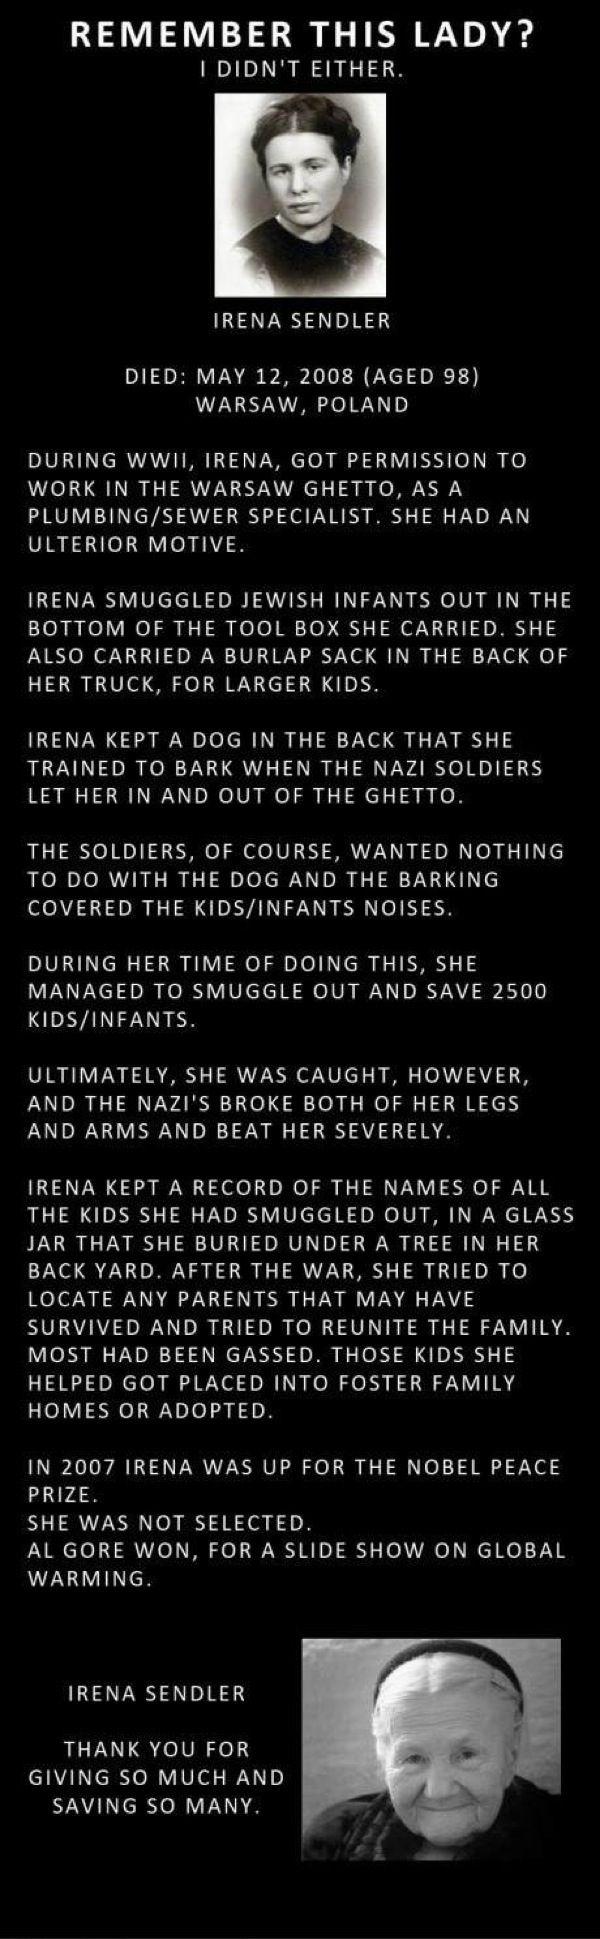 The story of Irene Sendler. #greatstories